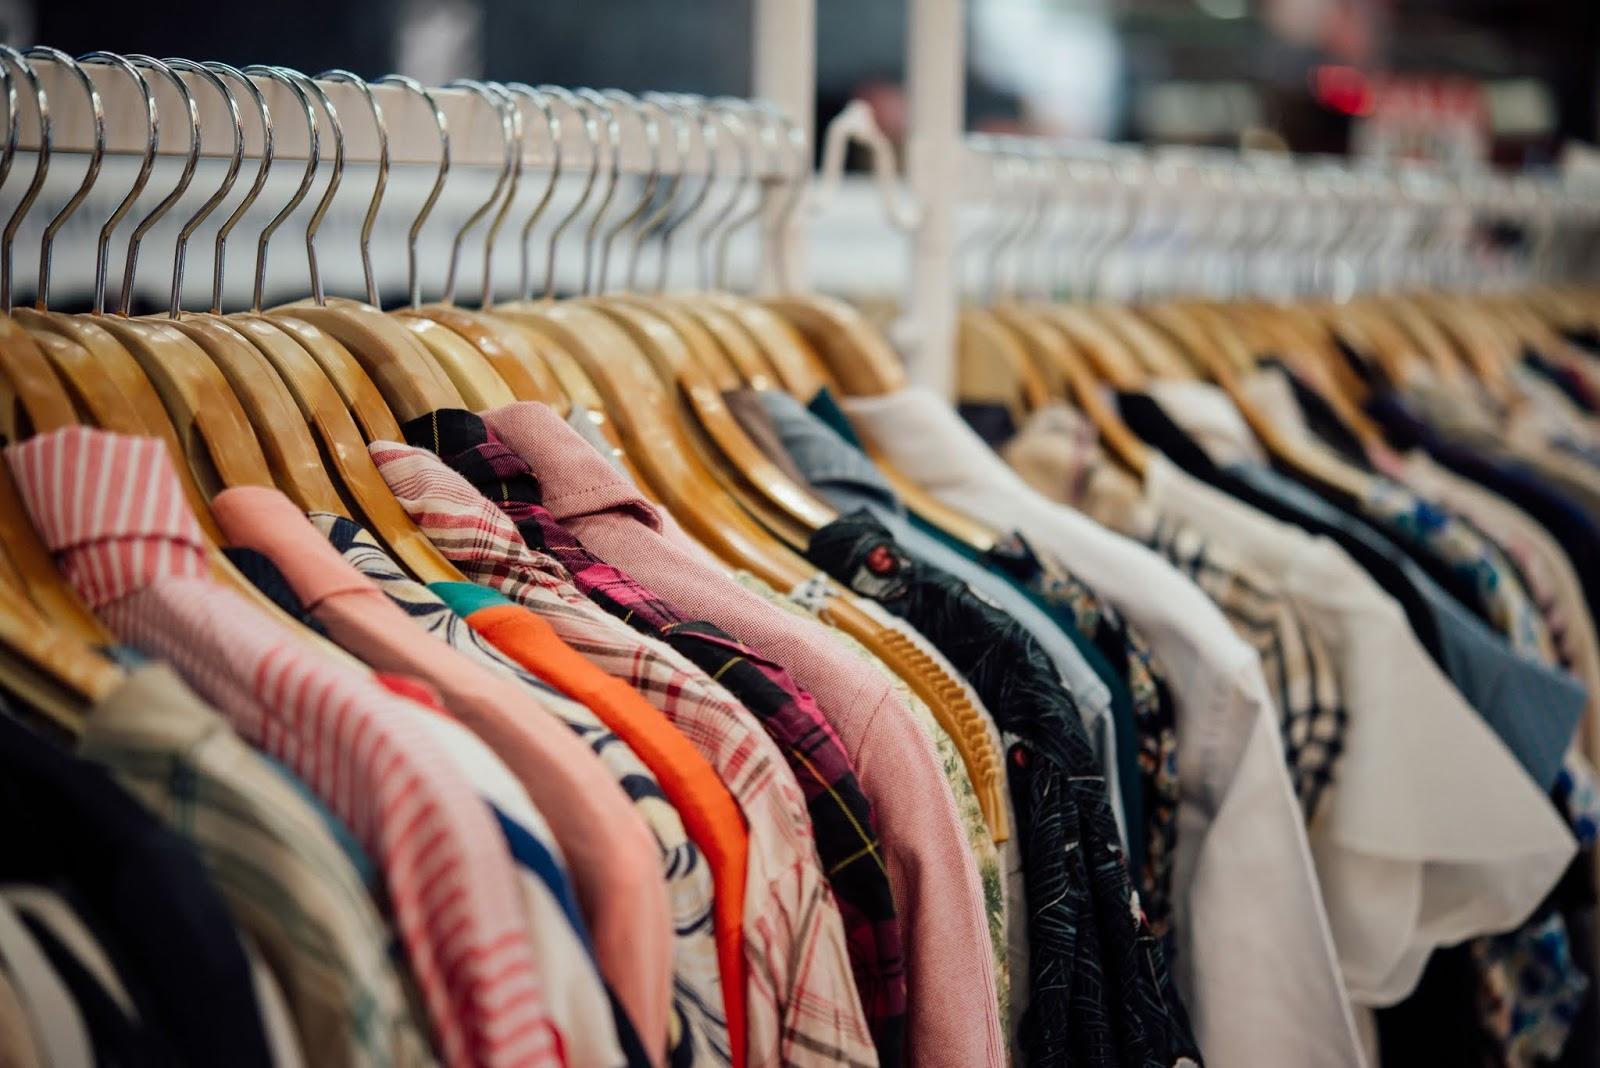 Como saber se posso confiar em uma marca de roupas anadodia ana do dia marcas para cofiar (2)